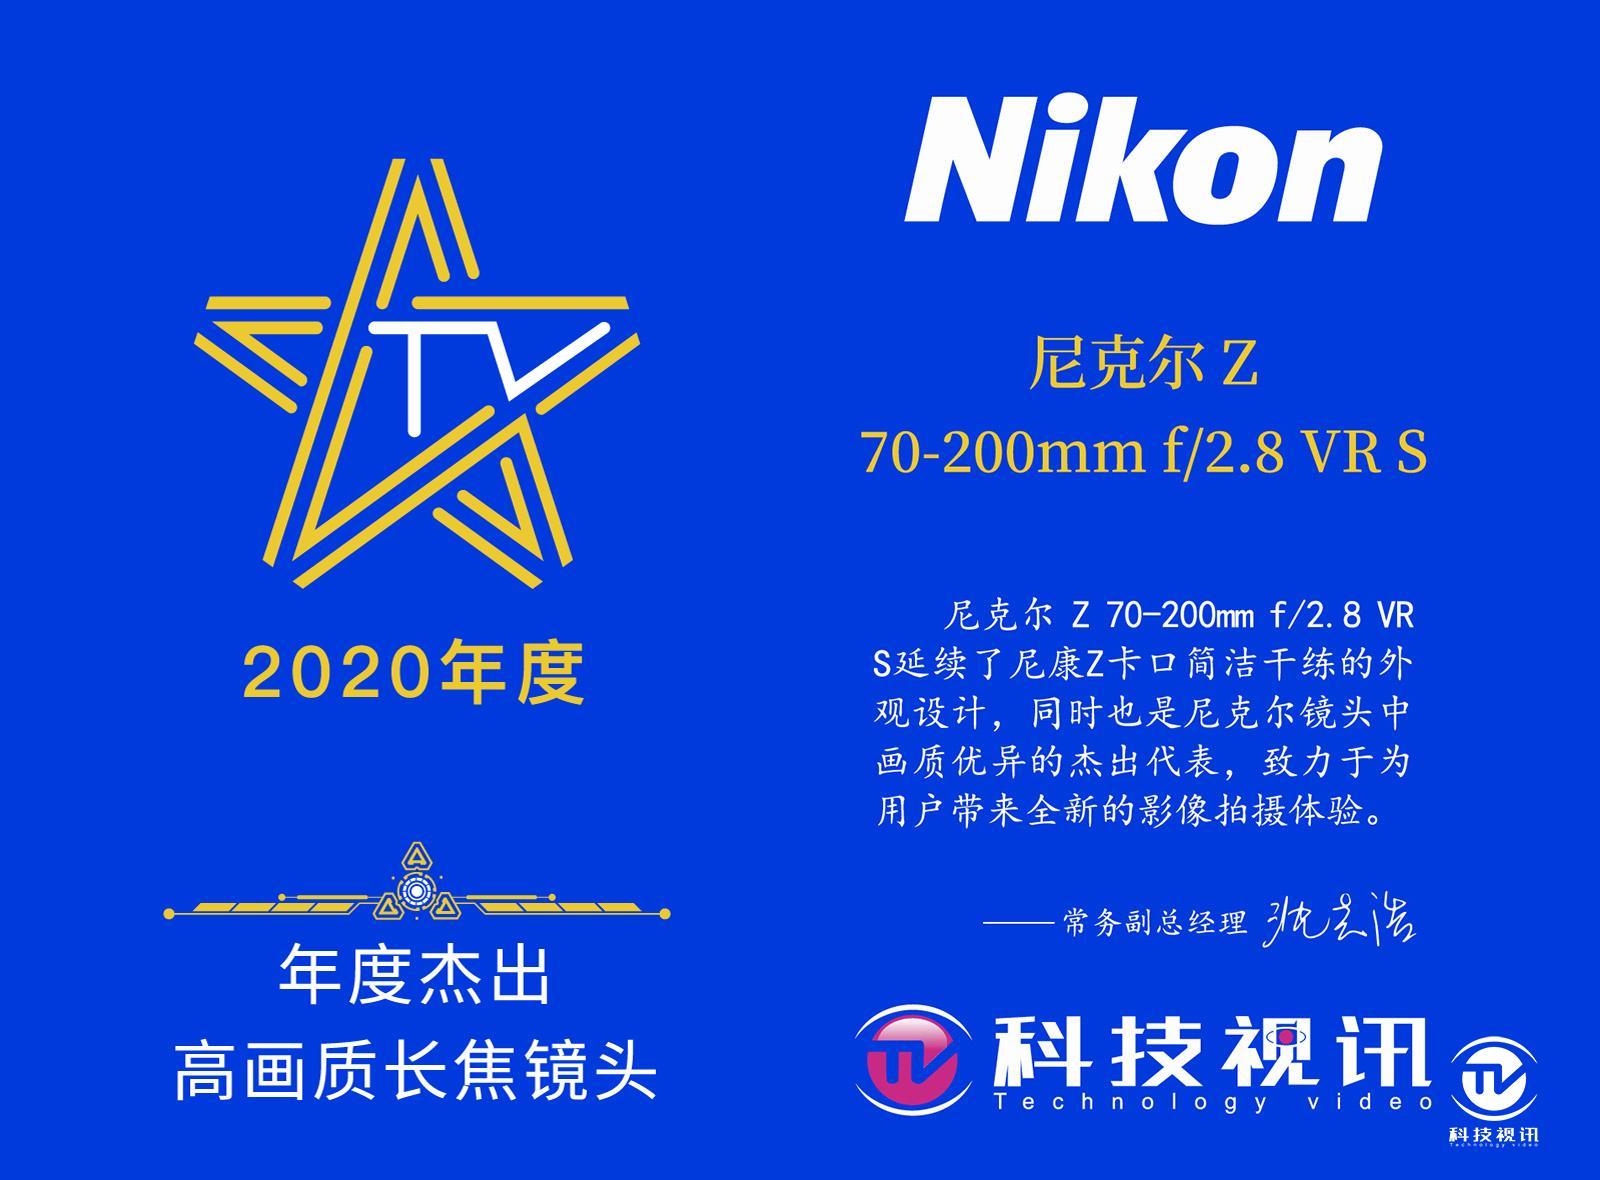 尼康-尼克尔-70-200mm-横.jpg